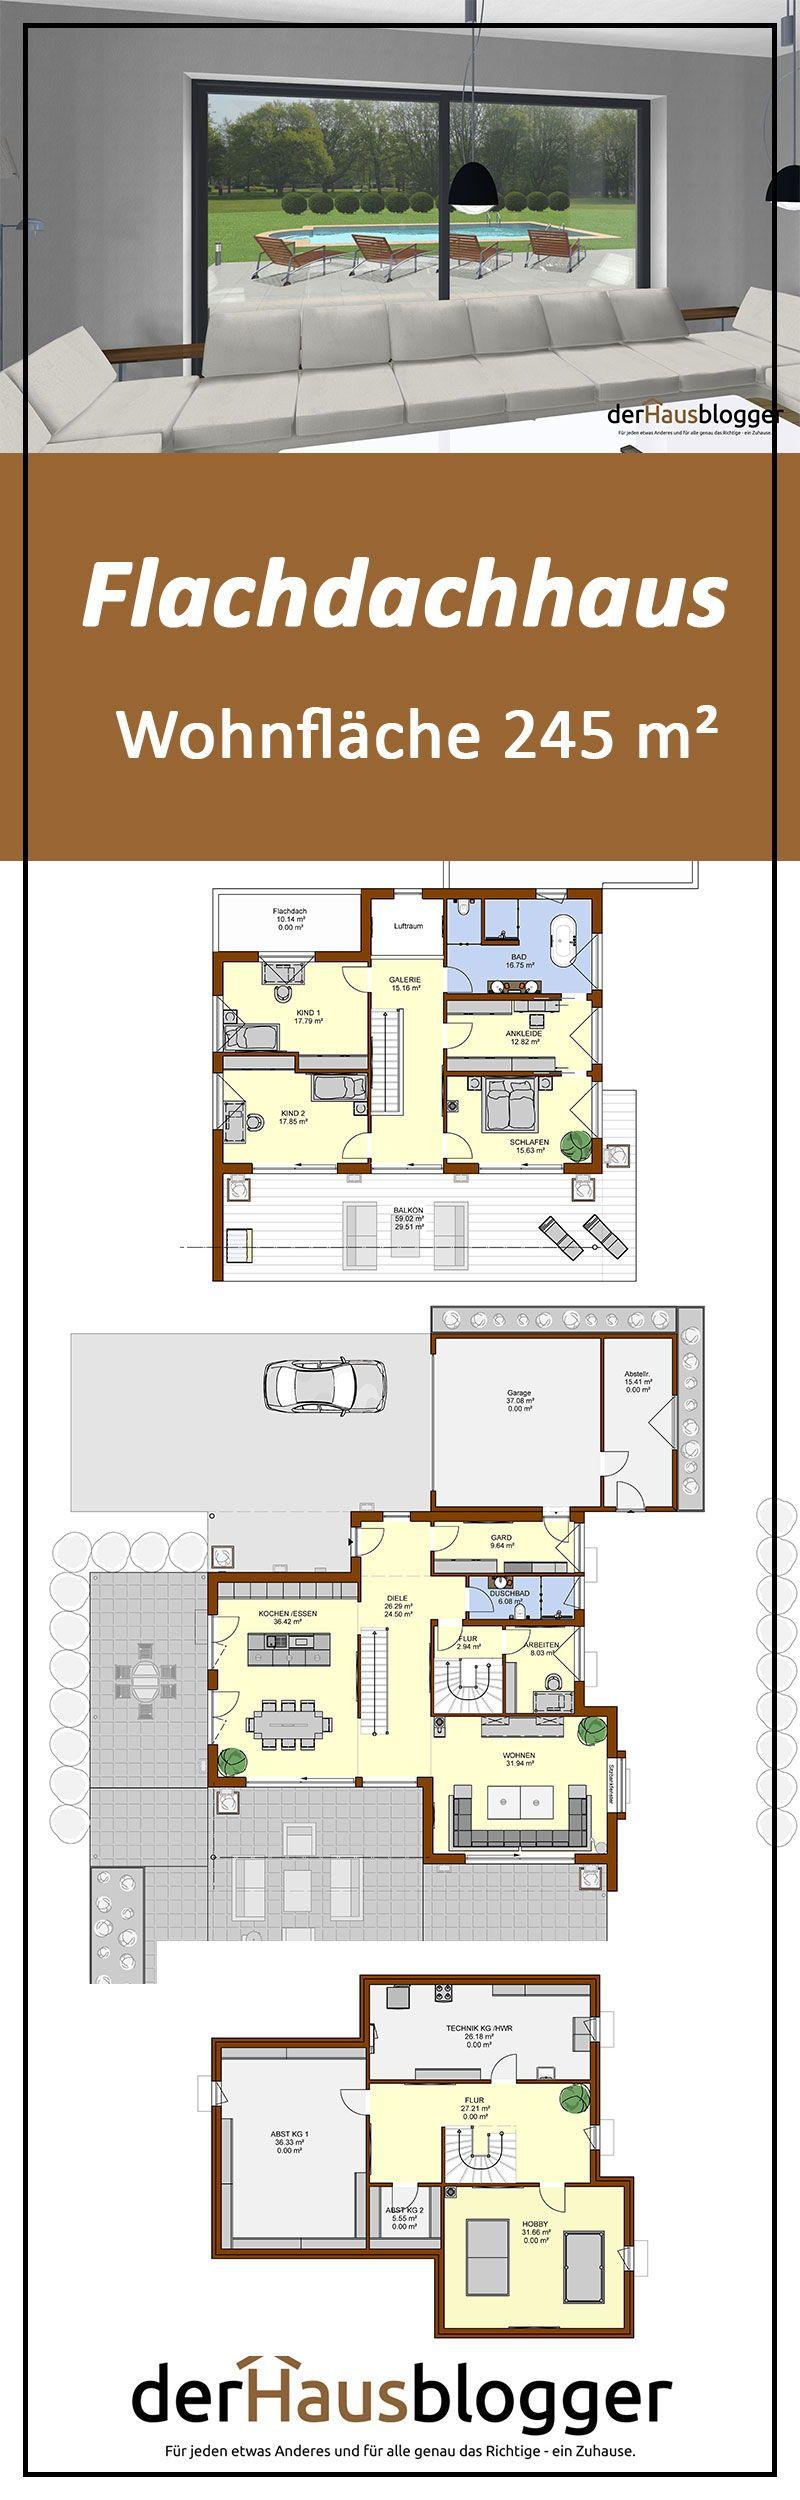 Flachdachhaus 245m² Flachdachhaus, Haus und Haus grundriss